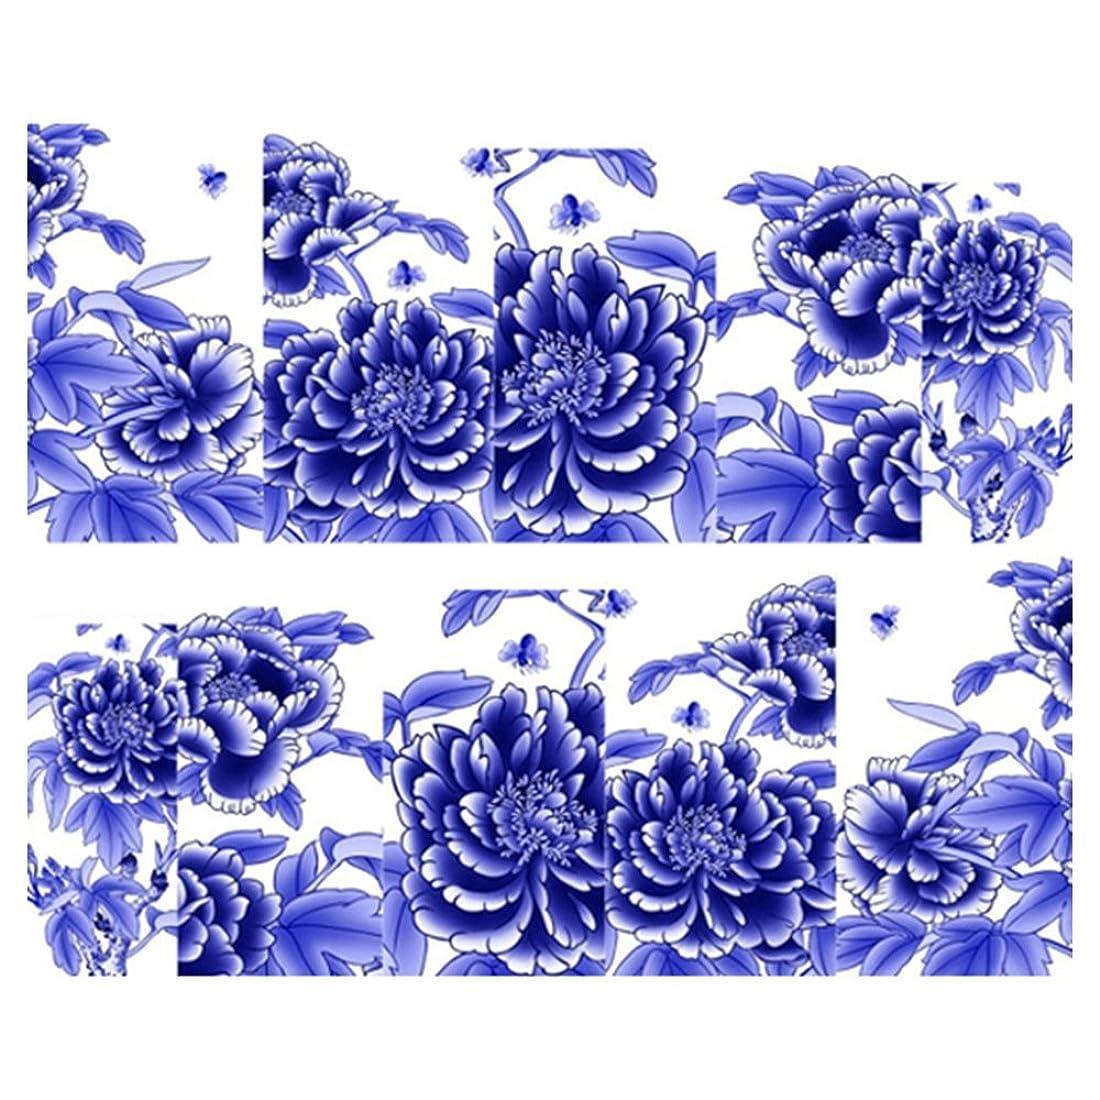 寄稿者平日香ばしいGaoominy 綺麗な花のネイルアート 水転写プリント ネイルシール ステッカー装飾(SY1619)